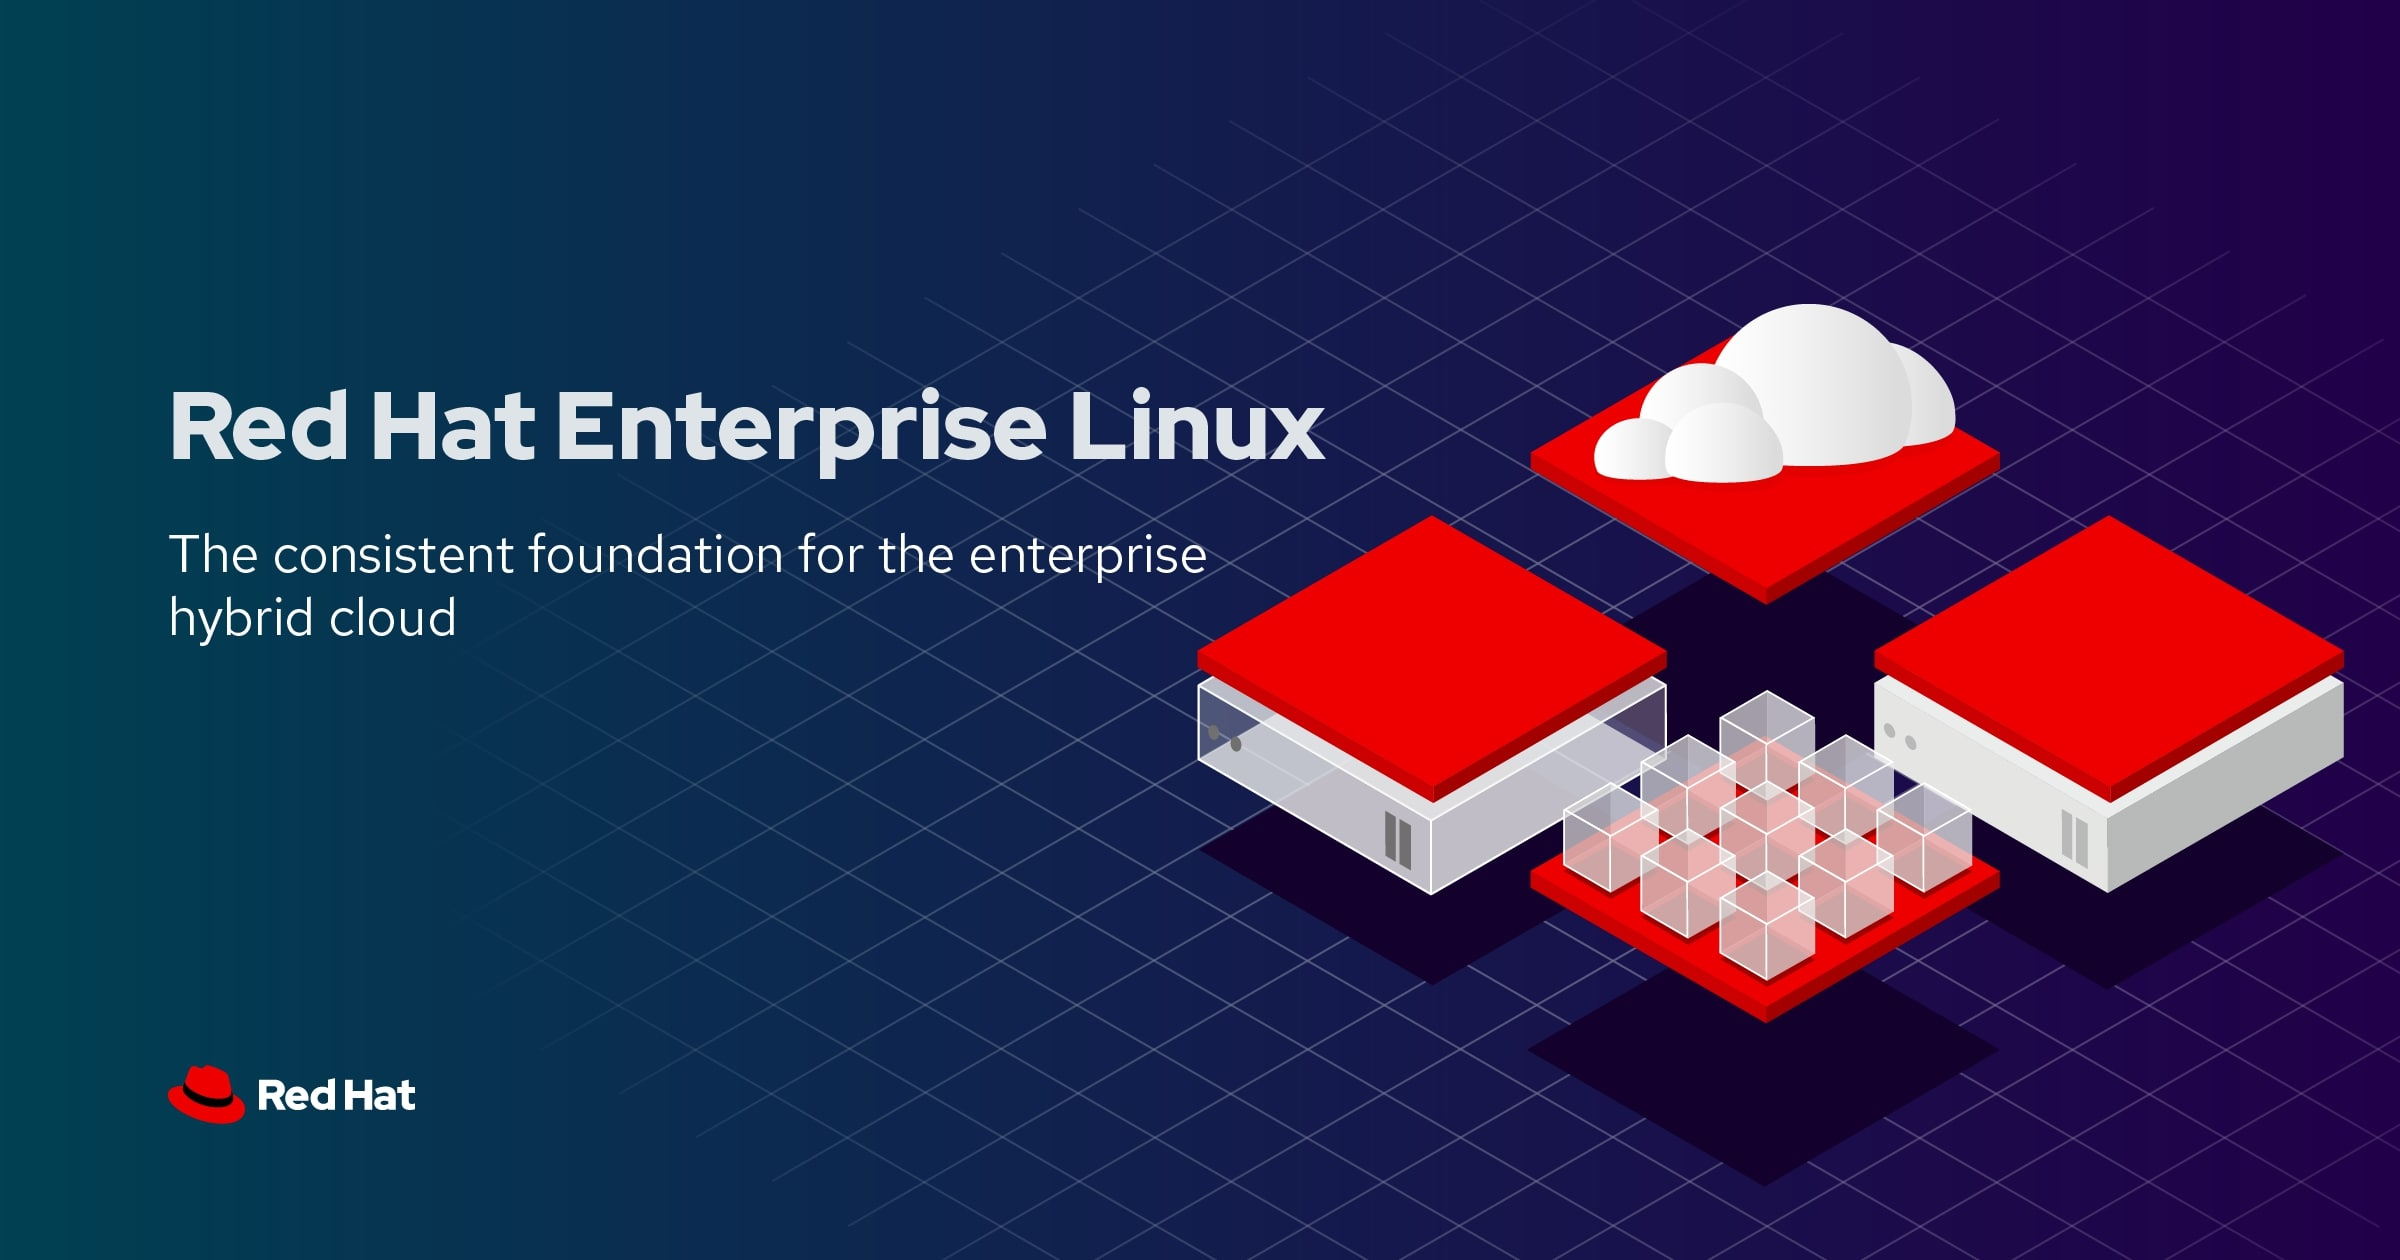 紅帽推出 Red Hat Enterprise Linux 8.4 助企業備戰下一代邊緣運算未來